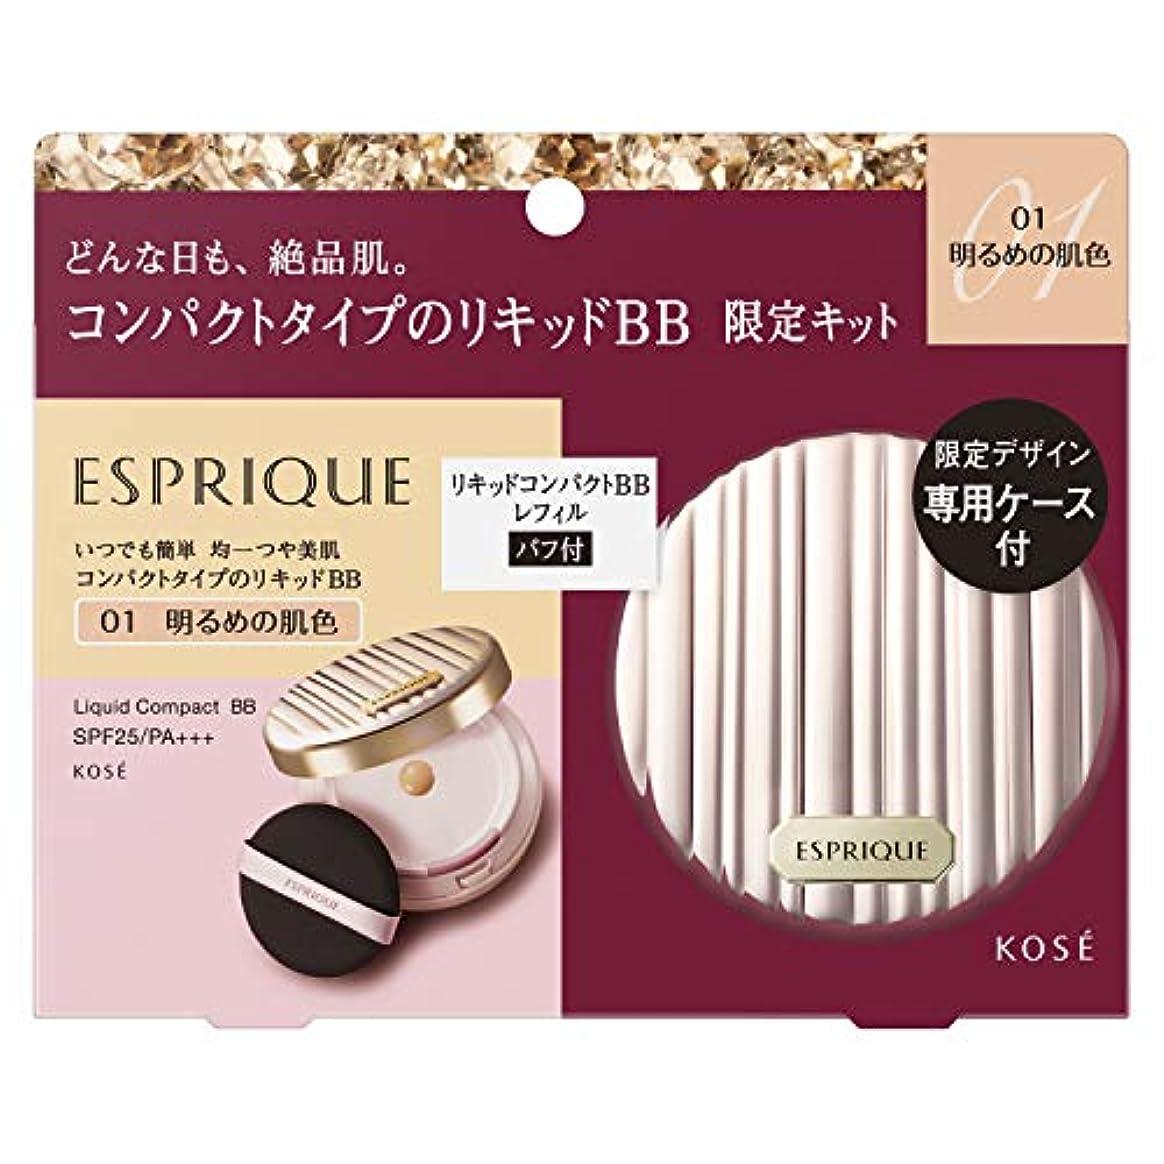 排気想像する橋脚ESPRIQUE(エスプリーク) エスプリーク リキッド コンパクト BB 限定キット 2 BBクリーム 01 明るめの肌色 セット 13g+ケース付き